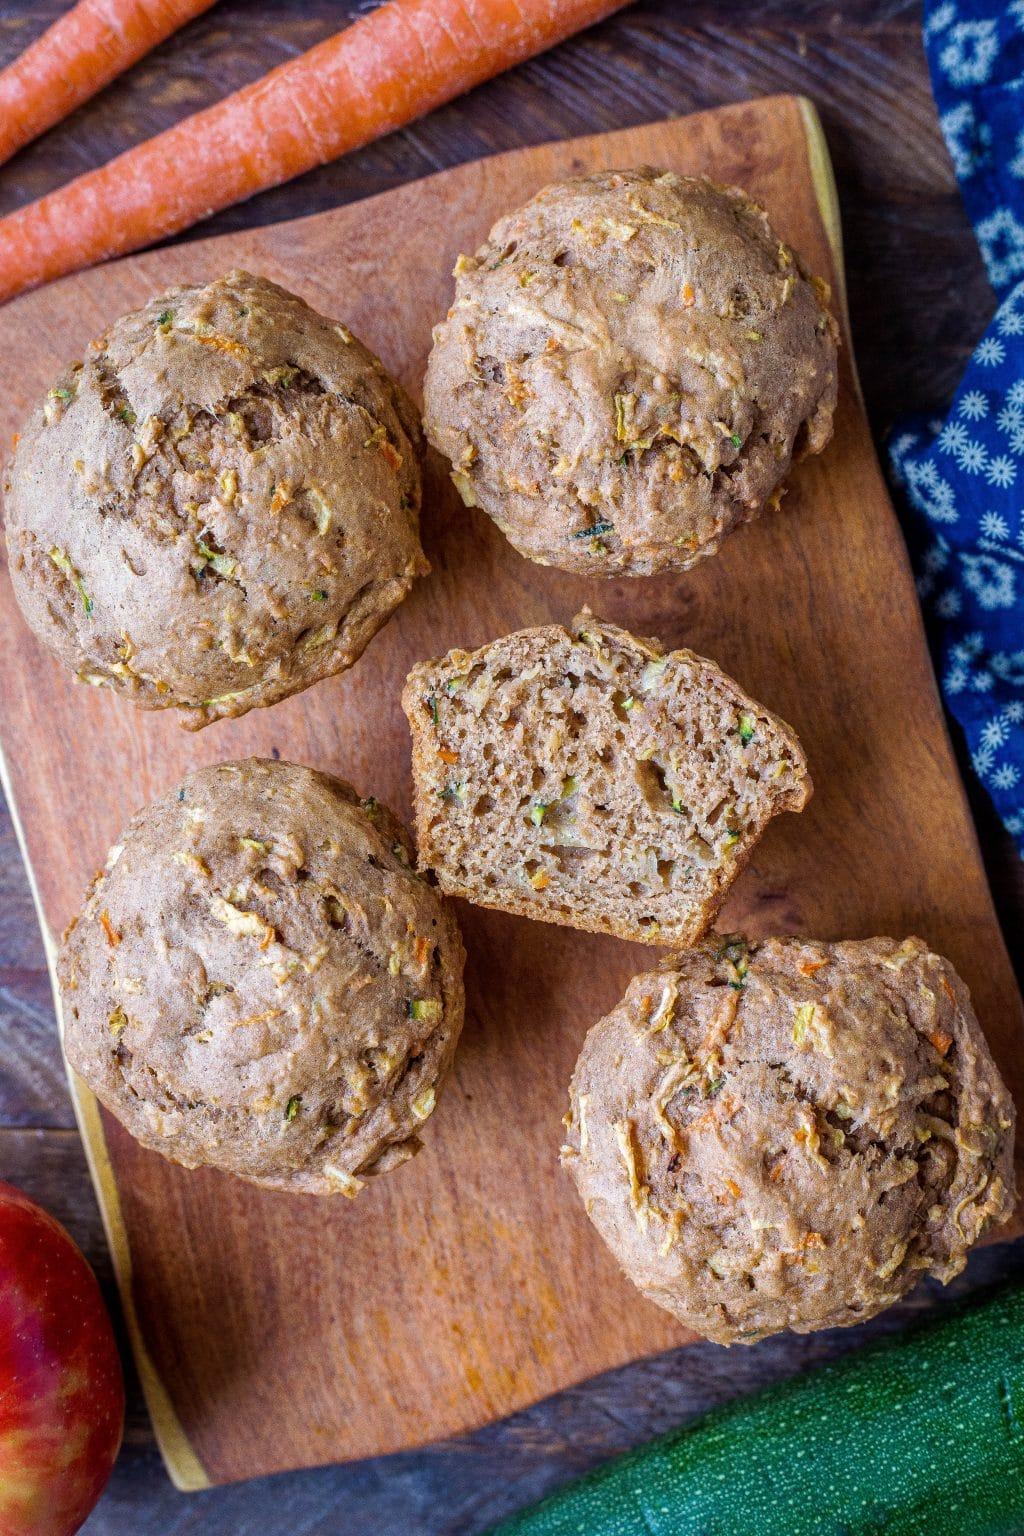 A few zucchini apple carrot muffins on a cutting board